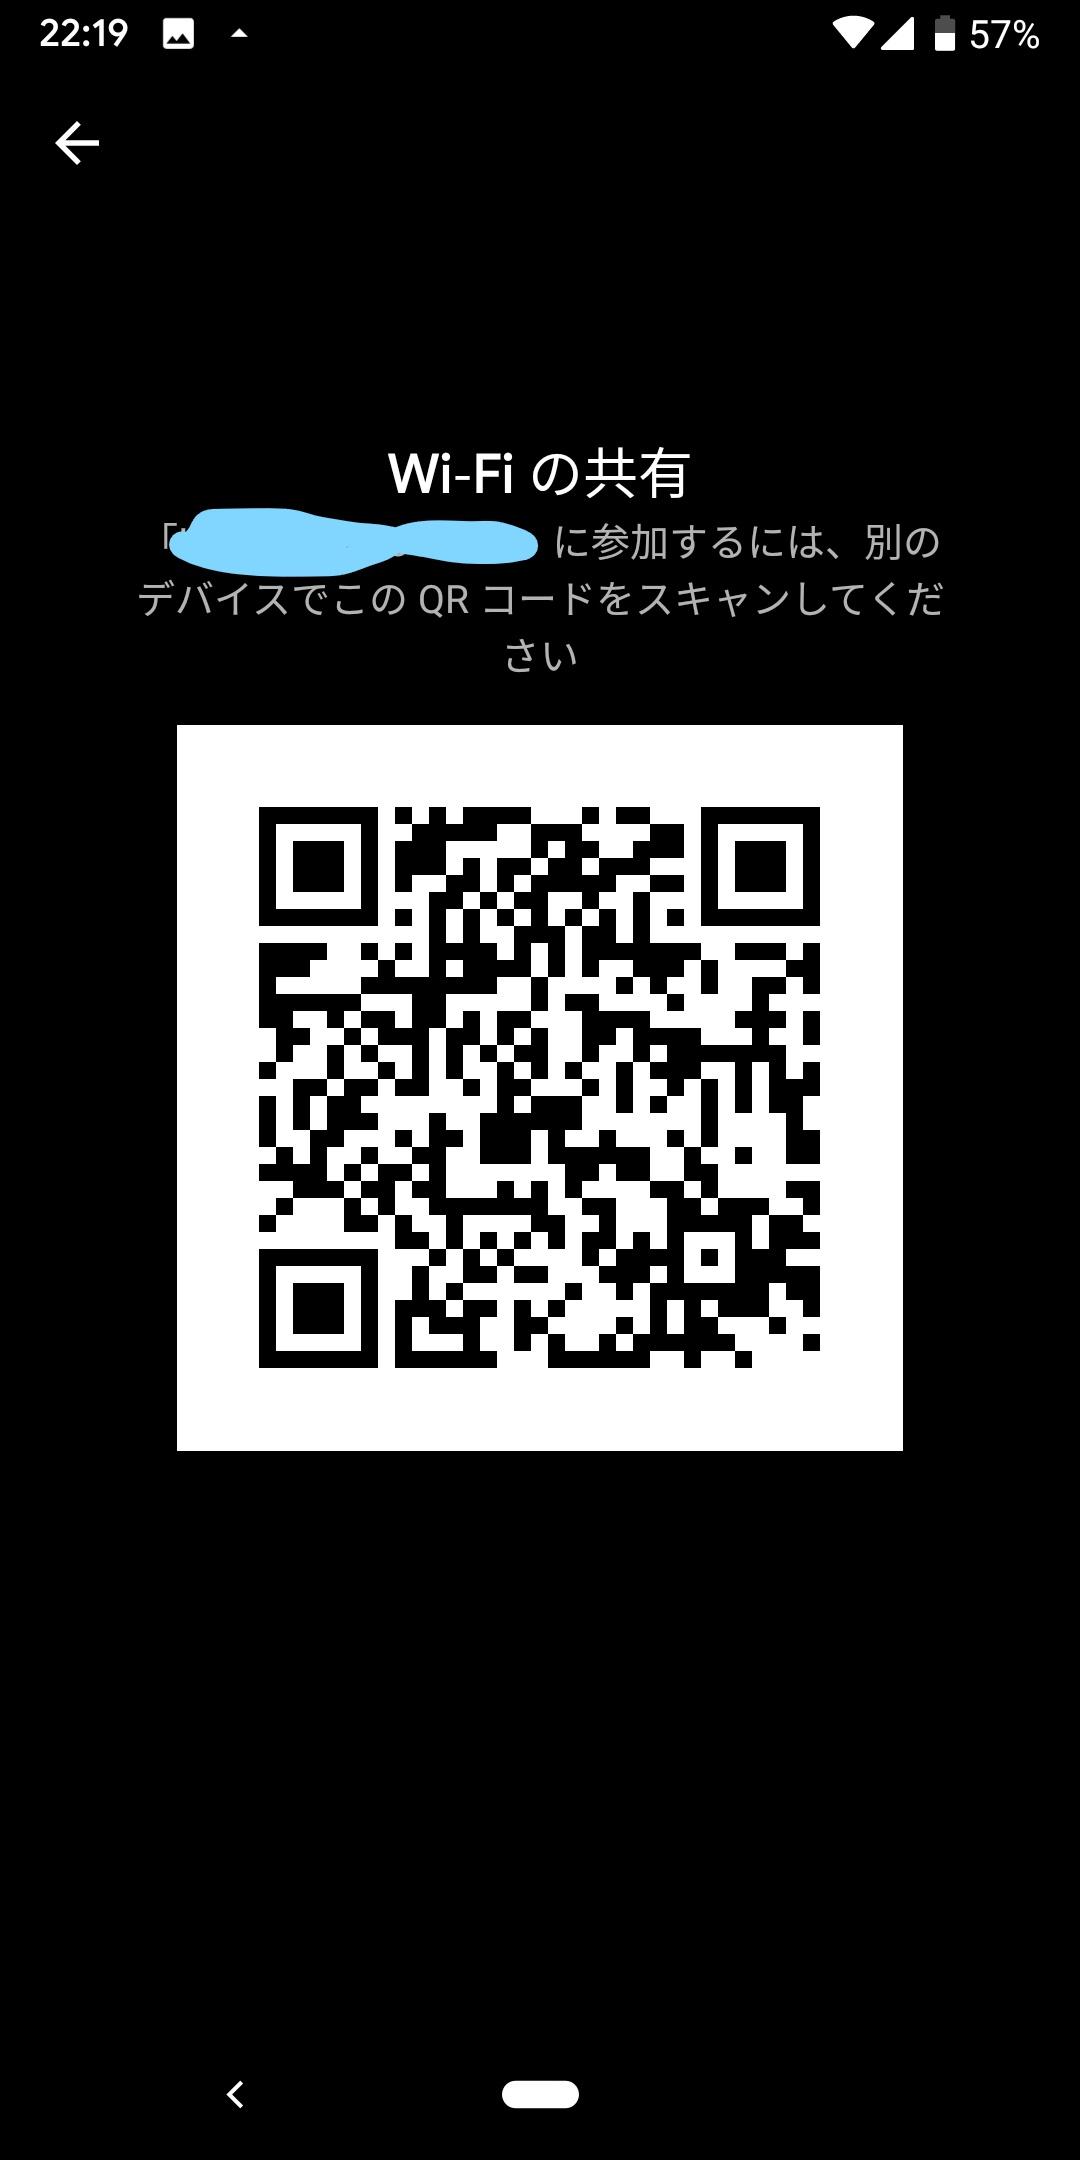 InkedScreenshot_20190314-221939_LI.jpg